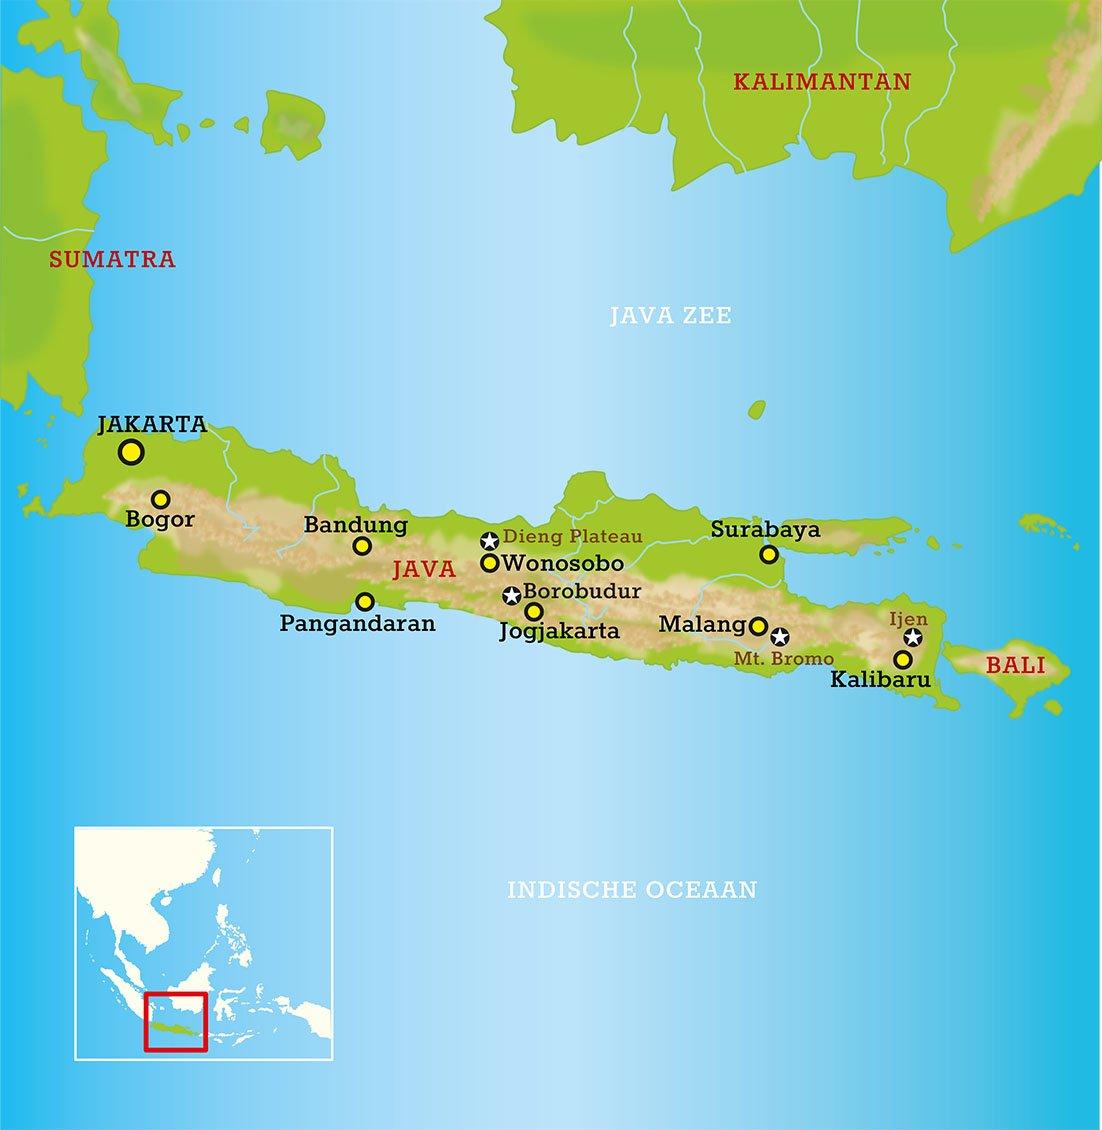 Java eilandkaart en bali 1102-1130.jpg